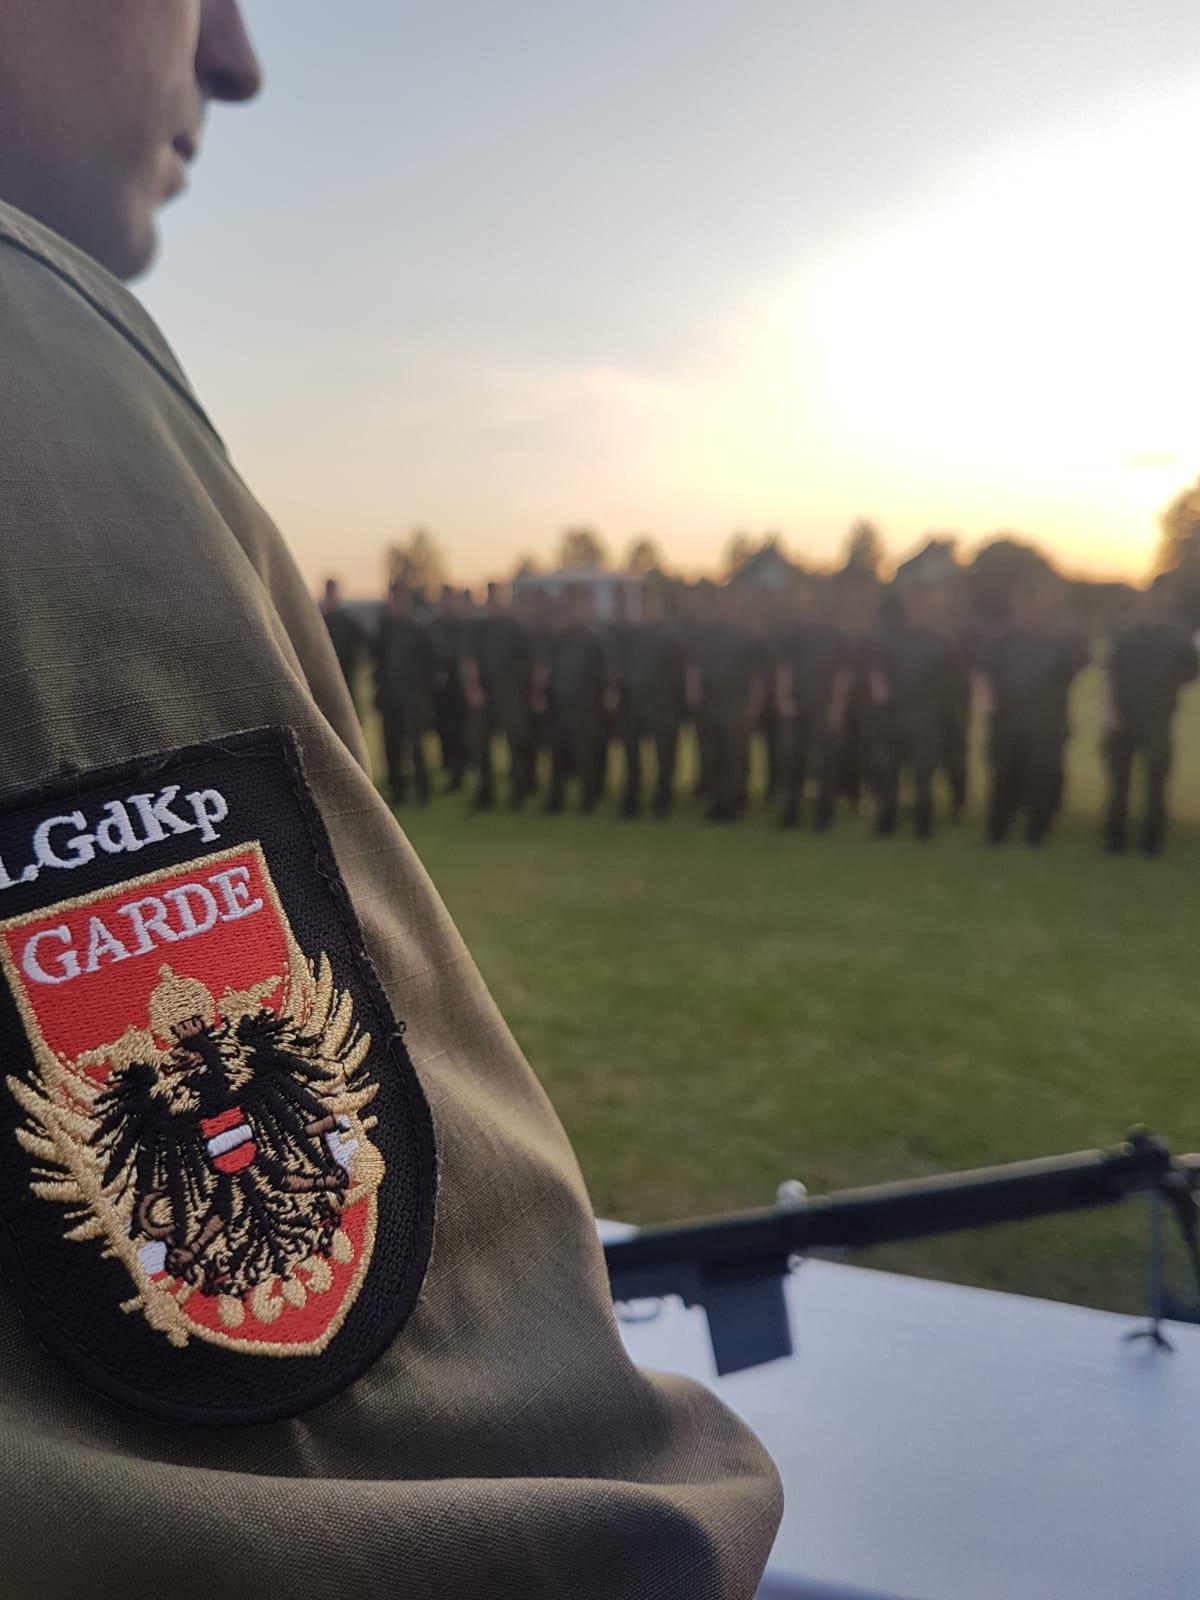 2019_08_01_Garde_1.GdKp_Horn_feierliche-Waffenübergabe-StG58_42